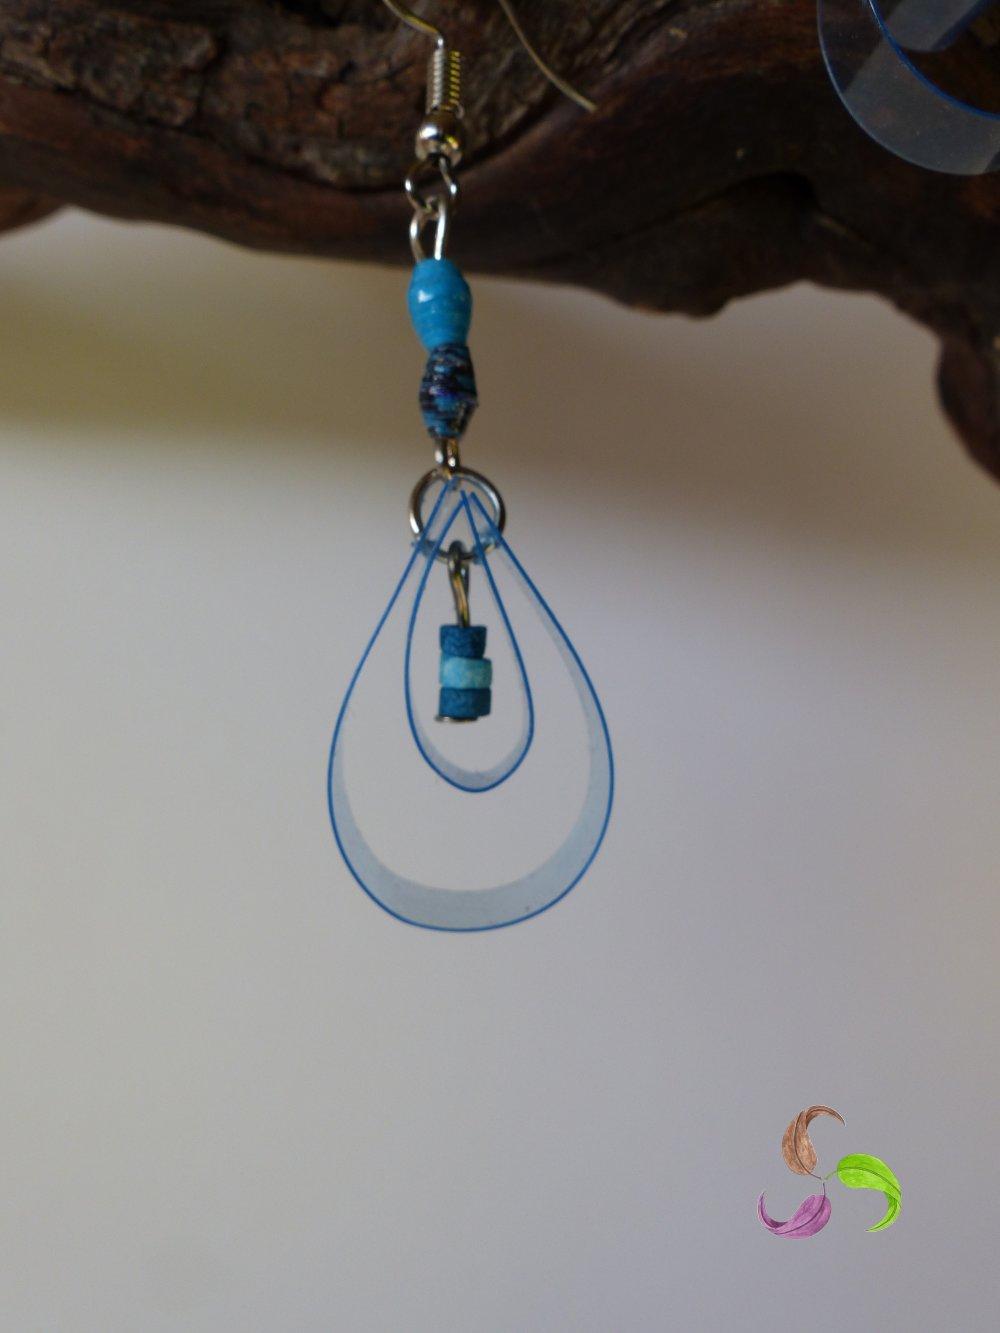 Boucles d'oreilles en papier recyclé et plastique - artisanal - fait main - fabriqué en Bretagne